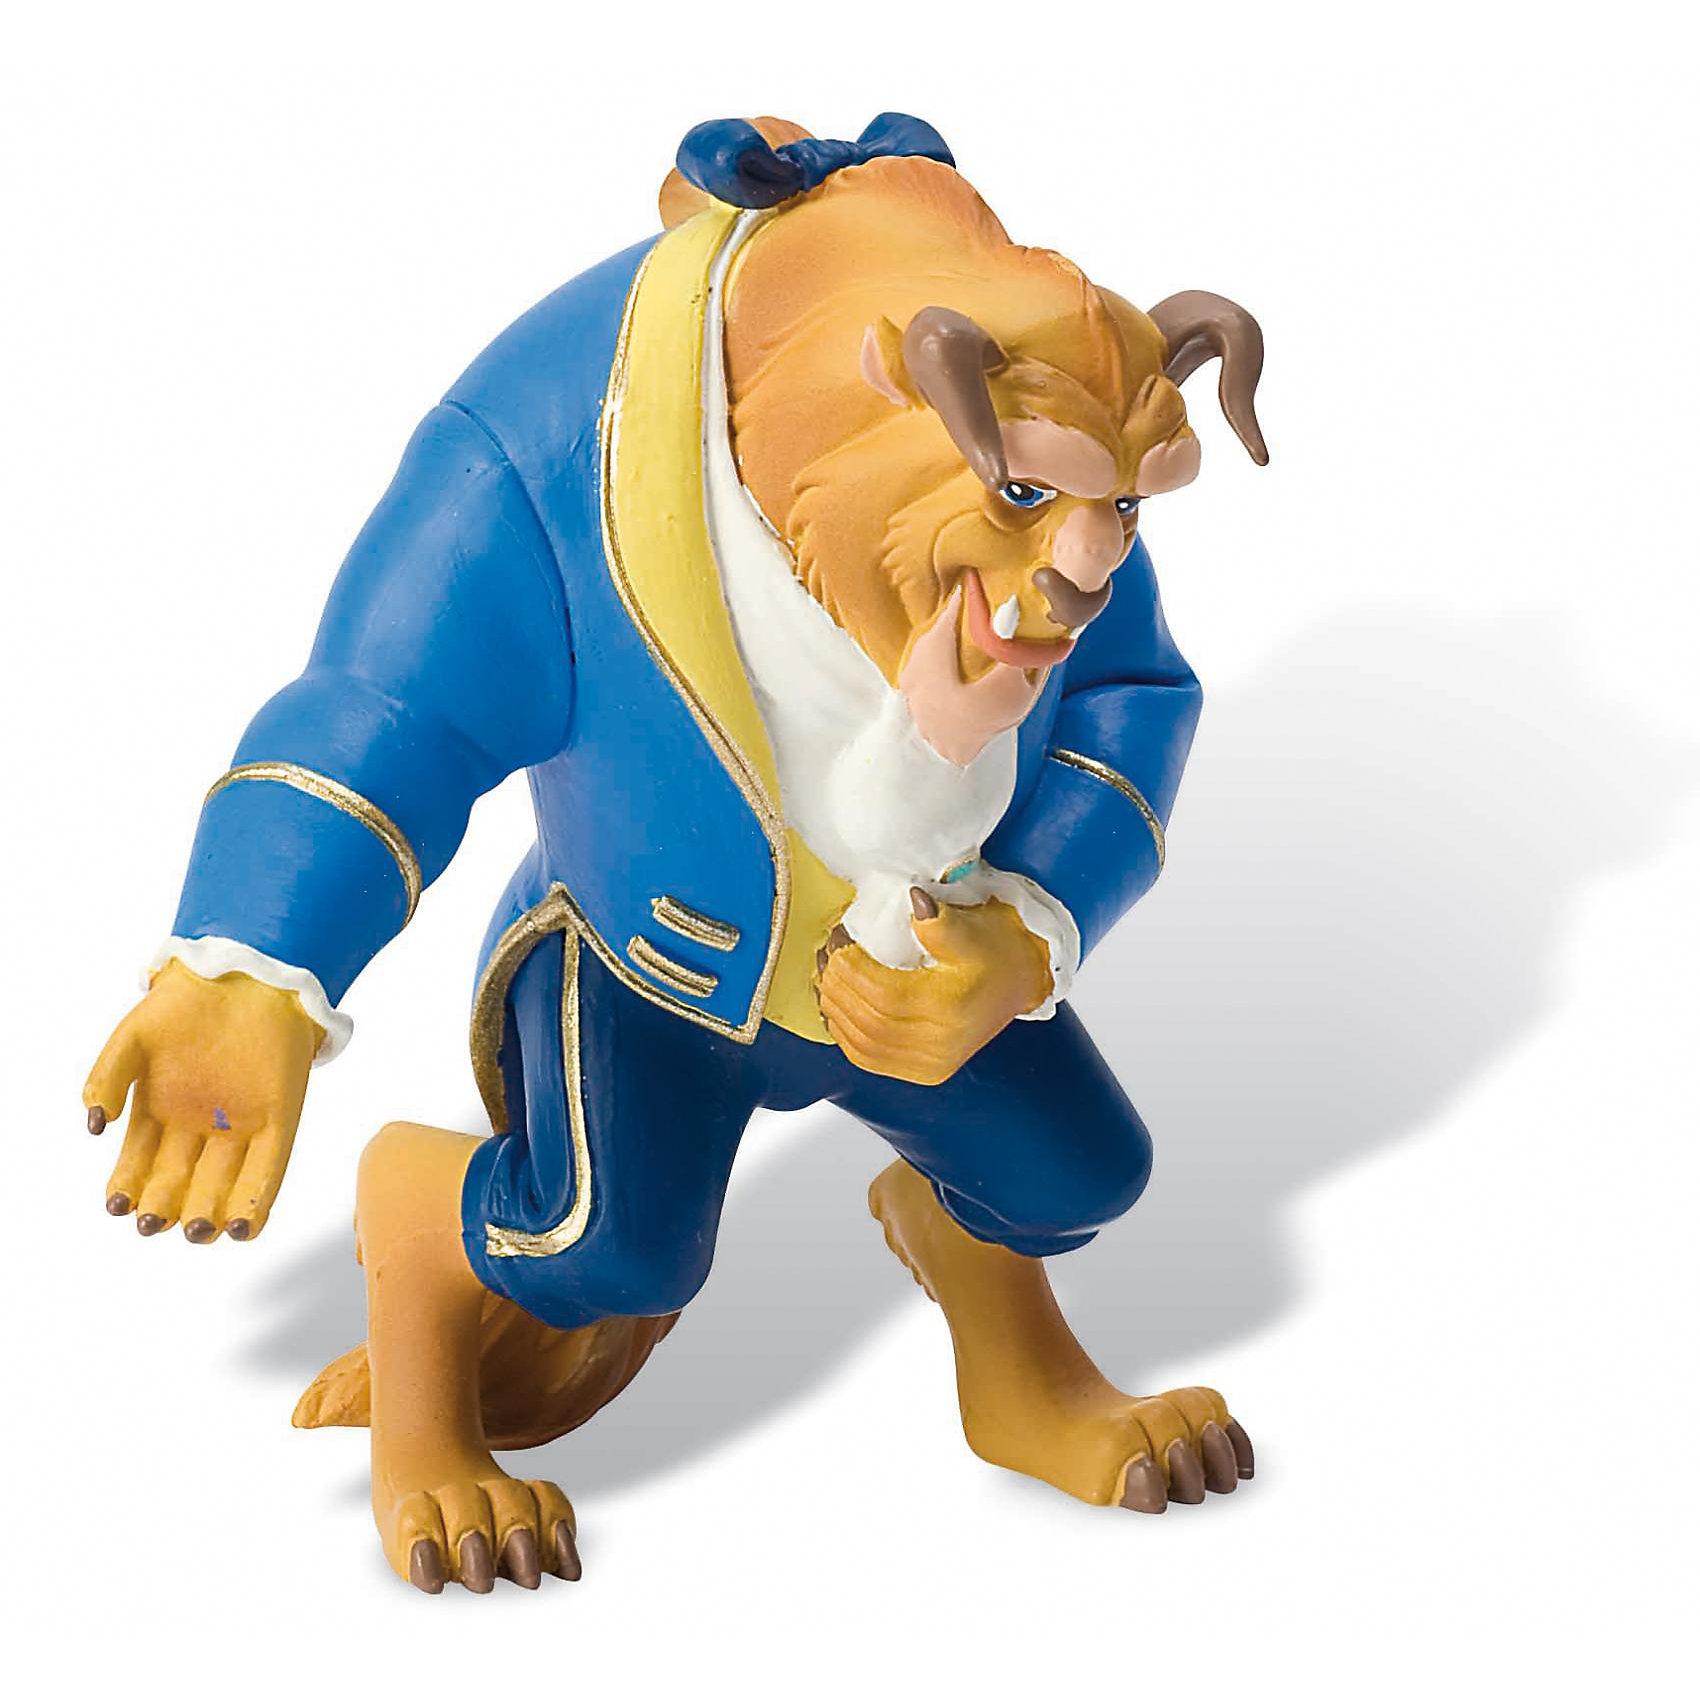 Фигурка Чудовище,  DisneyКоллекционные и игровые фигурки<br>Фигурка Чудовища из мультфильма Уолта Диснея «Красавица и чудовище». Теперь можно разыгрывать сценки из любимого с детства мультфильма студии Дисней, придумывая новые приключения для его героев. Одетый в голубой костюм с белым воротничком, заколдованный принц вызывает желание помочь ему, немедленно превратить в человека. Игрушка может быть использована детьми в качестве героя в придуманных играх. Фигурка выполнена из высококачественных нетоксичных материалов, безопасна для детей. <br><br>Дополнительная информация:<br><br>Размер: 10 см <br>Материал: термопластичный каучук высокого качества. <br> <br><br>Фигурку Чудовище,  Disney можно купить в нашем магазине.<br><br>Ширина мм: 113<br>Глубина мм: 99<br>Высота мм: 53<br>Вес г: 98<br>Возраст от месяцев: 36<br>Возраст до месяцев: 96<br>Пол: Женский<br>Возраст: Детский<br>SKU: 1985034